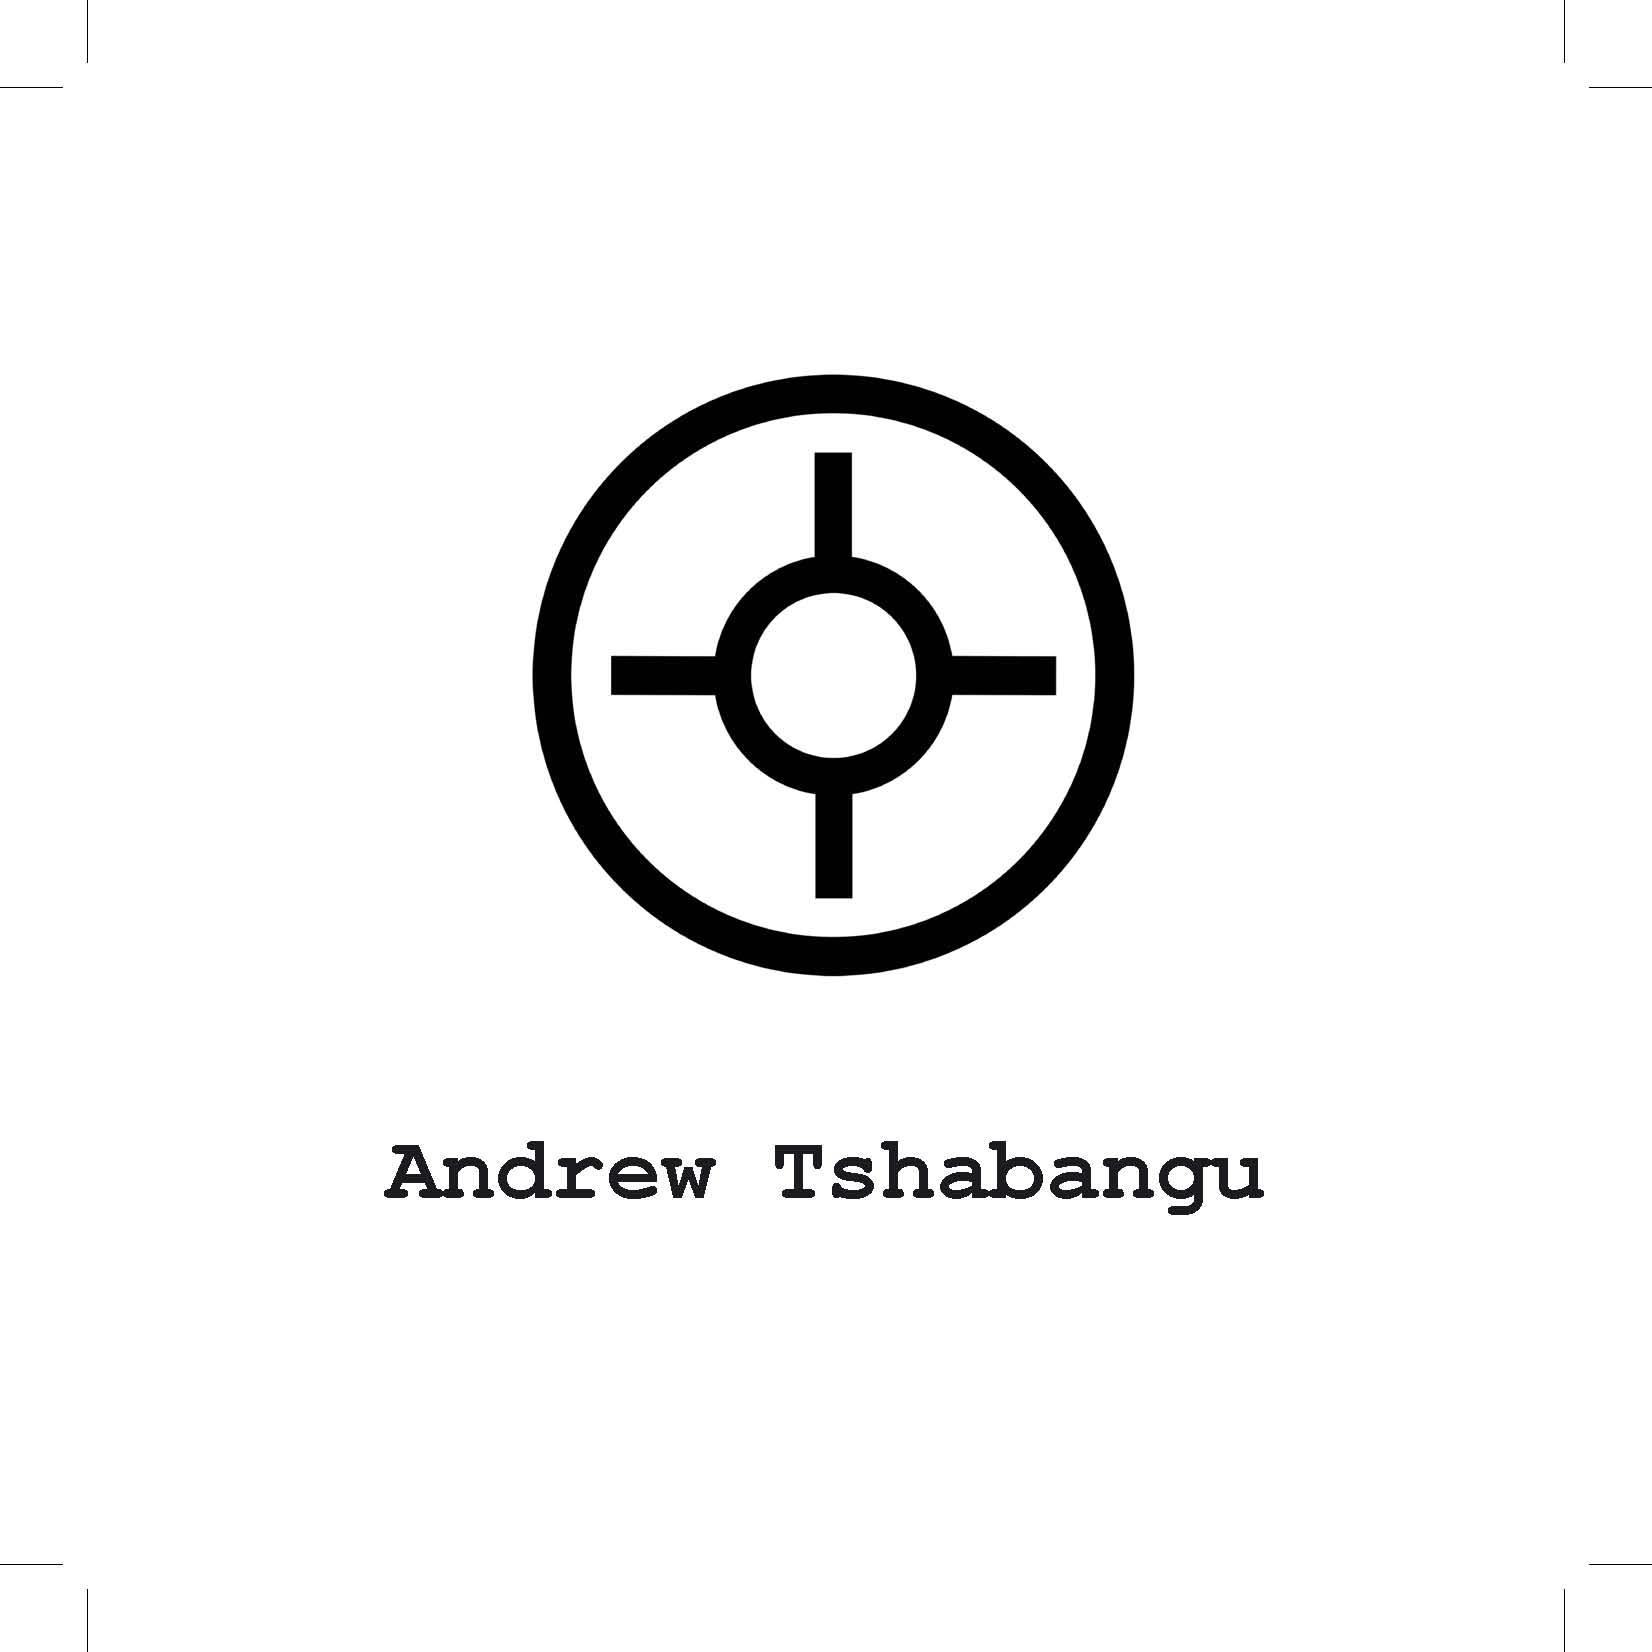 MAP Southafrica - Andrew Tshabangu